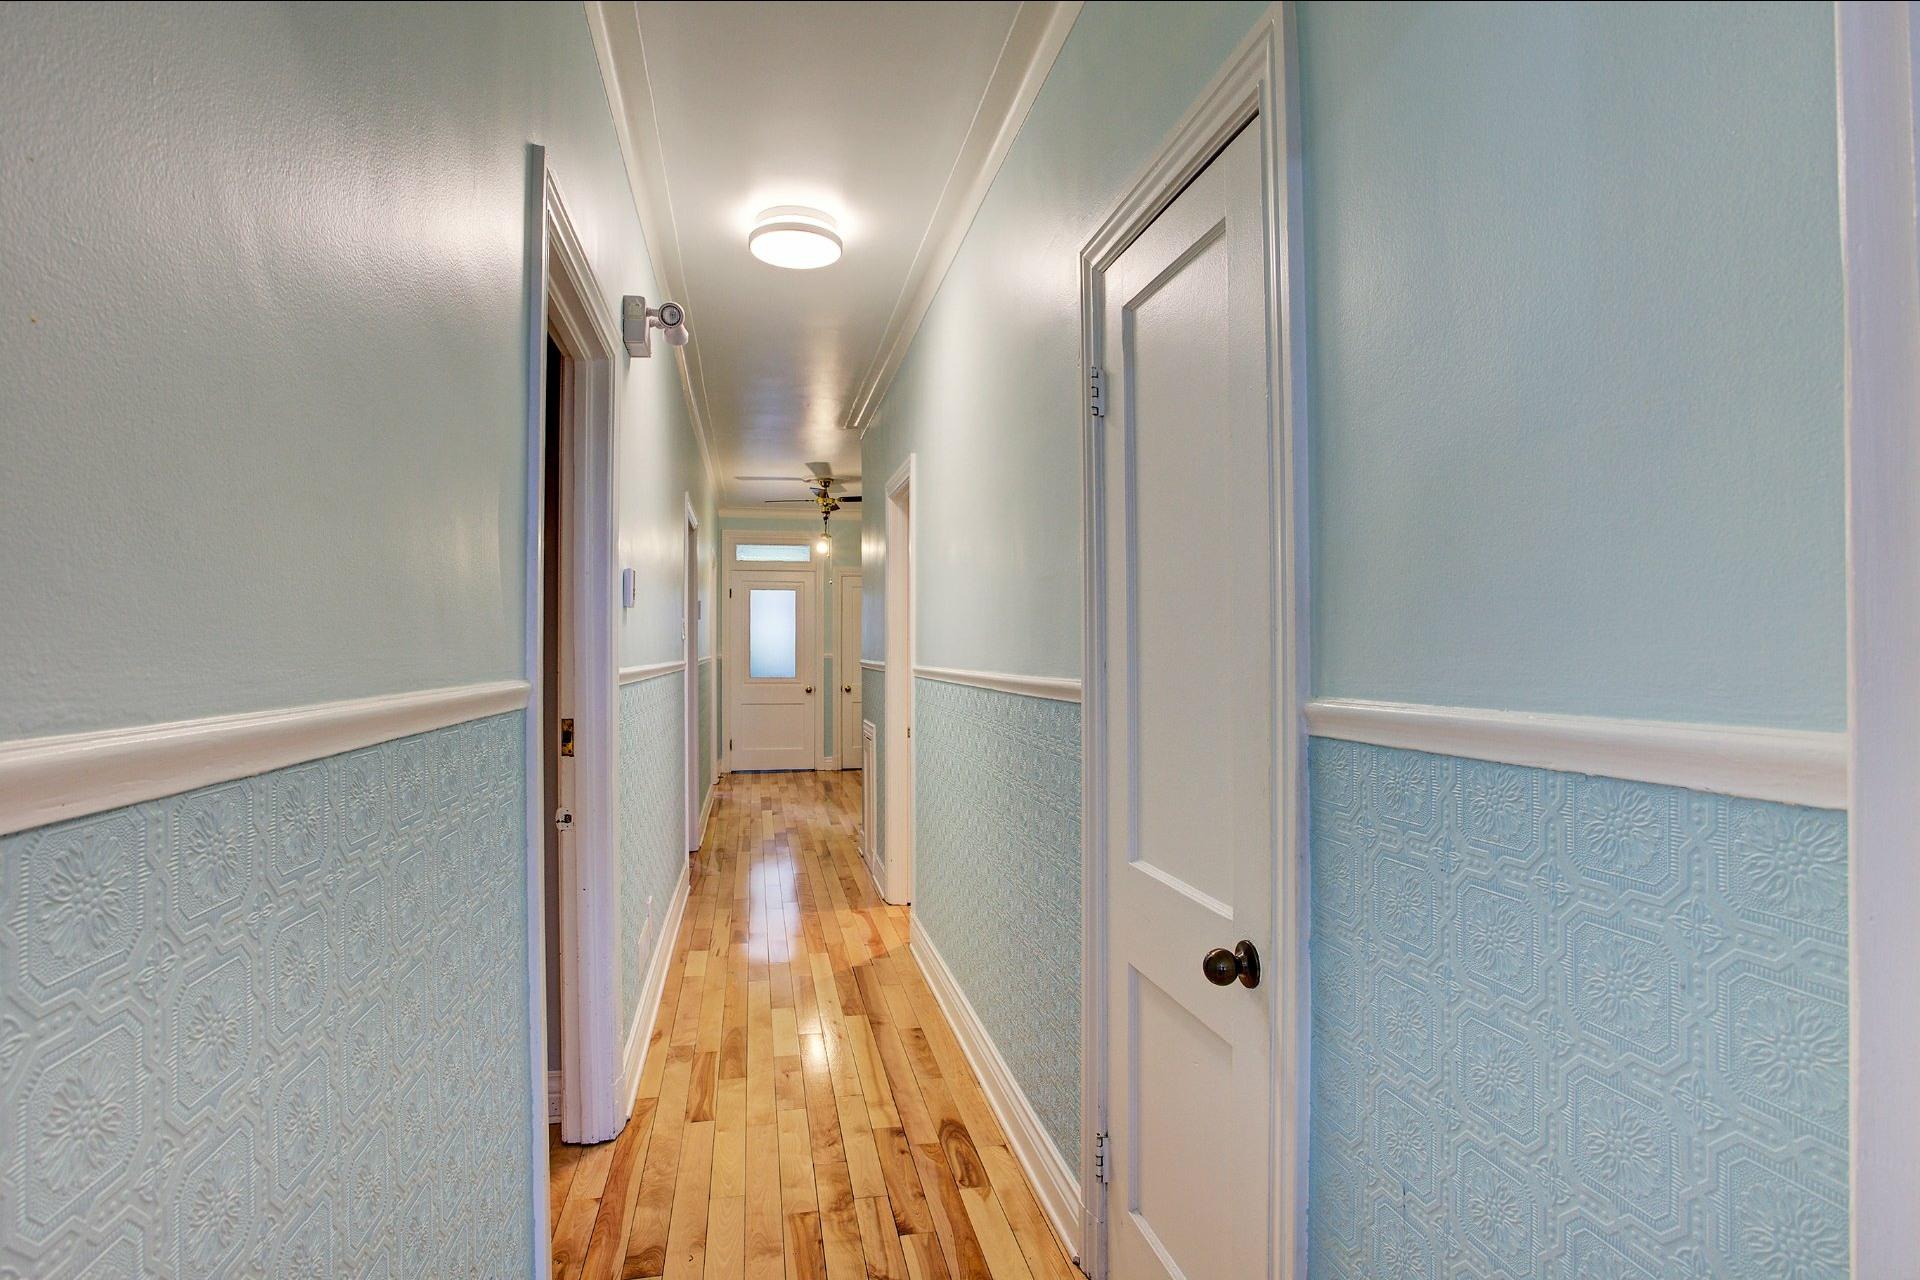 image 3 - Income property For sale Le Sud-Ouest Montréal  - 4 rooms